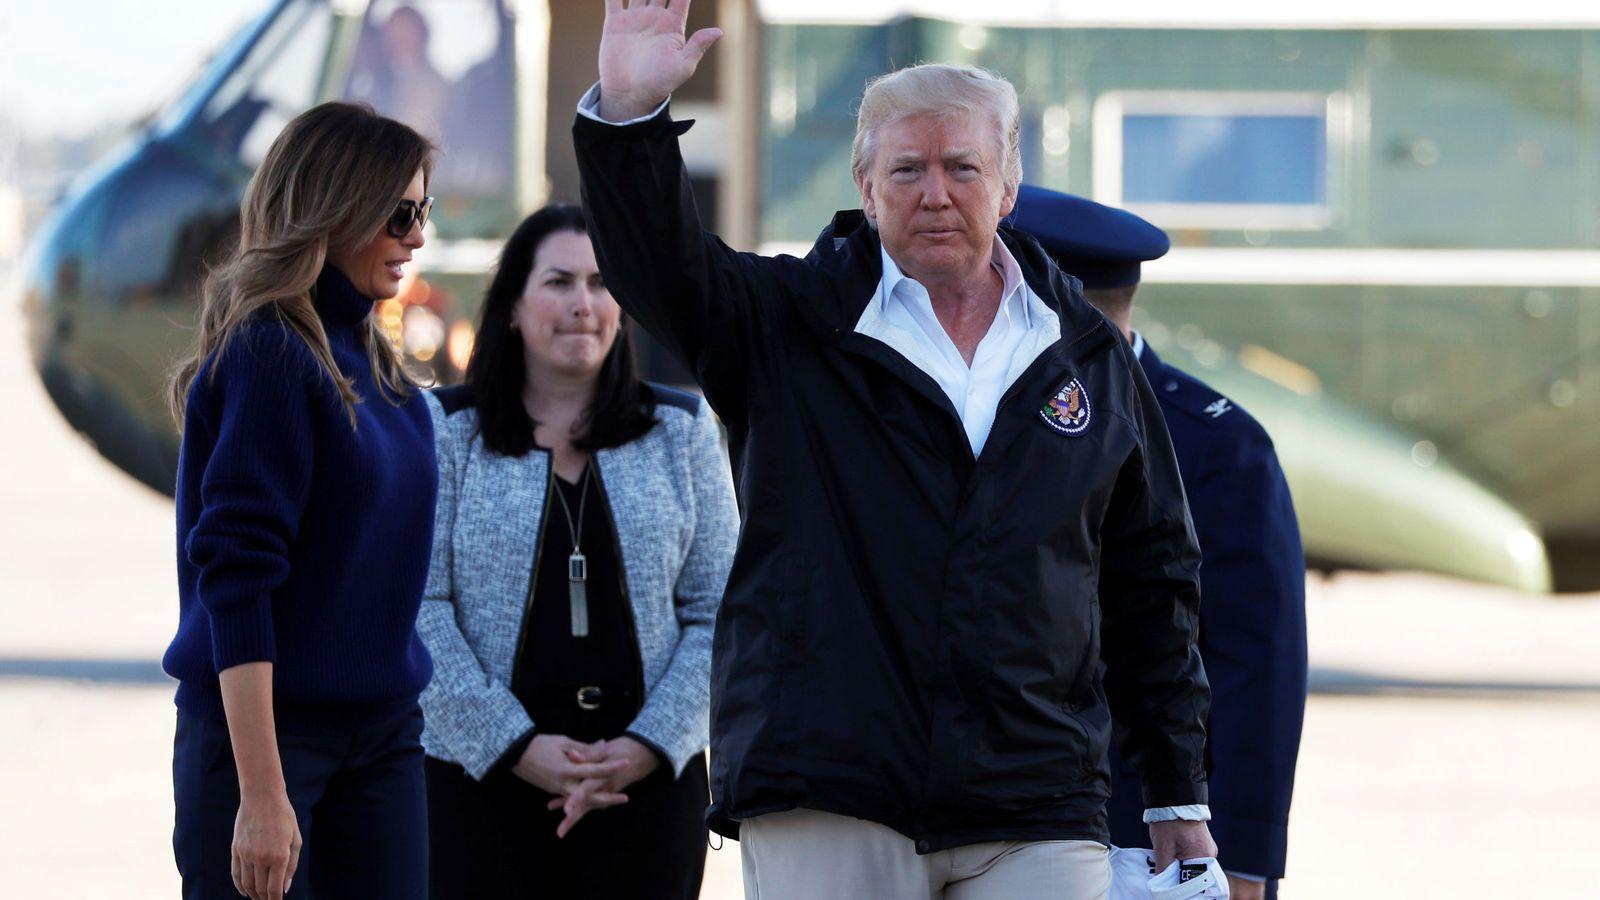 Foto: El presidente Donald Trump saluda a la prensa antes de embarcar en un viaje que le llevará a Puerto Rico y luego a Las Vegas, el 3 de octubre de 2017. (Reuters)